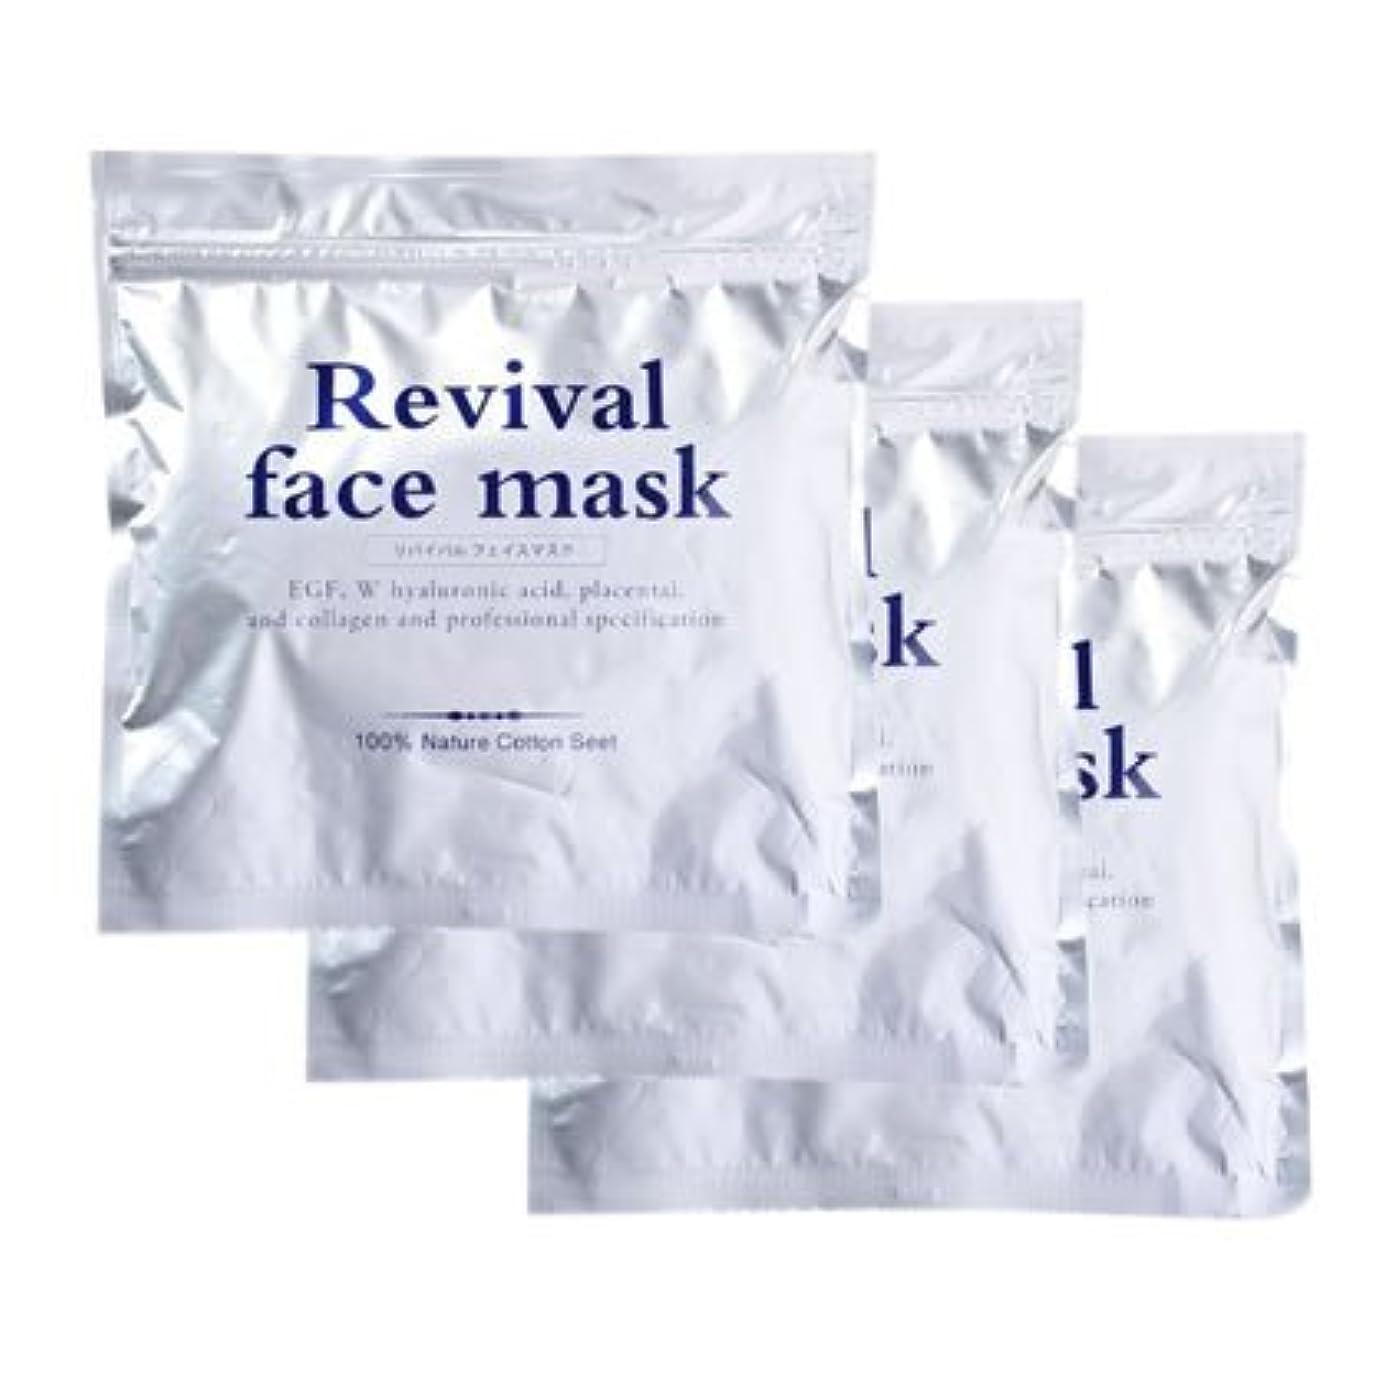 アンソロジー野望お手伝いさんリバイバルフェイスマスク 90枚セット(30枚×3袋)